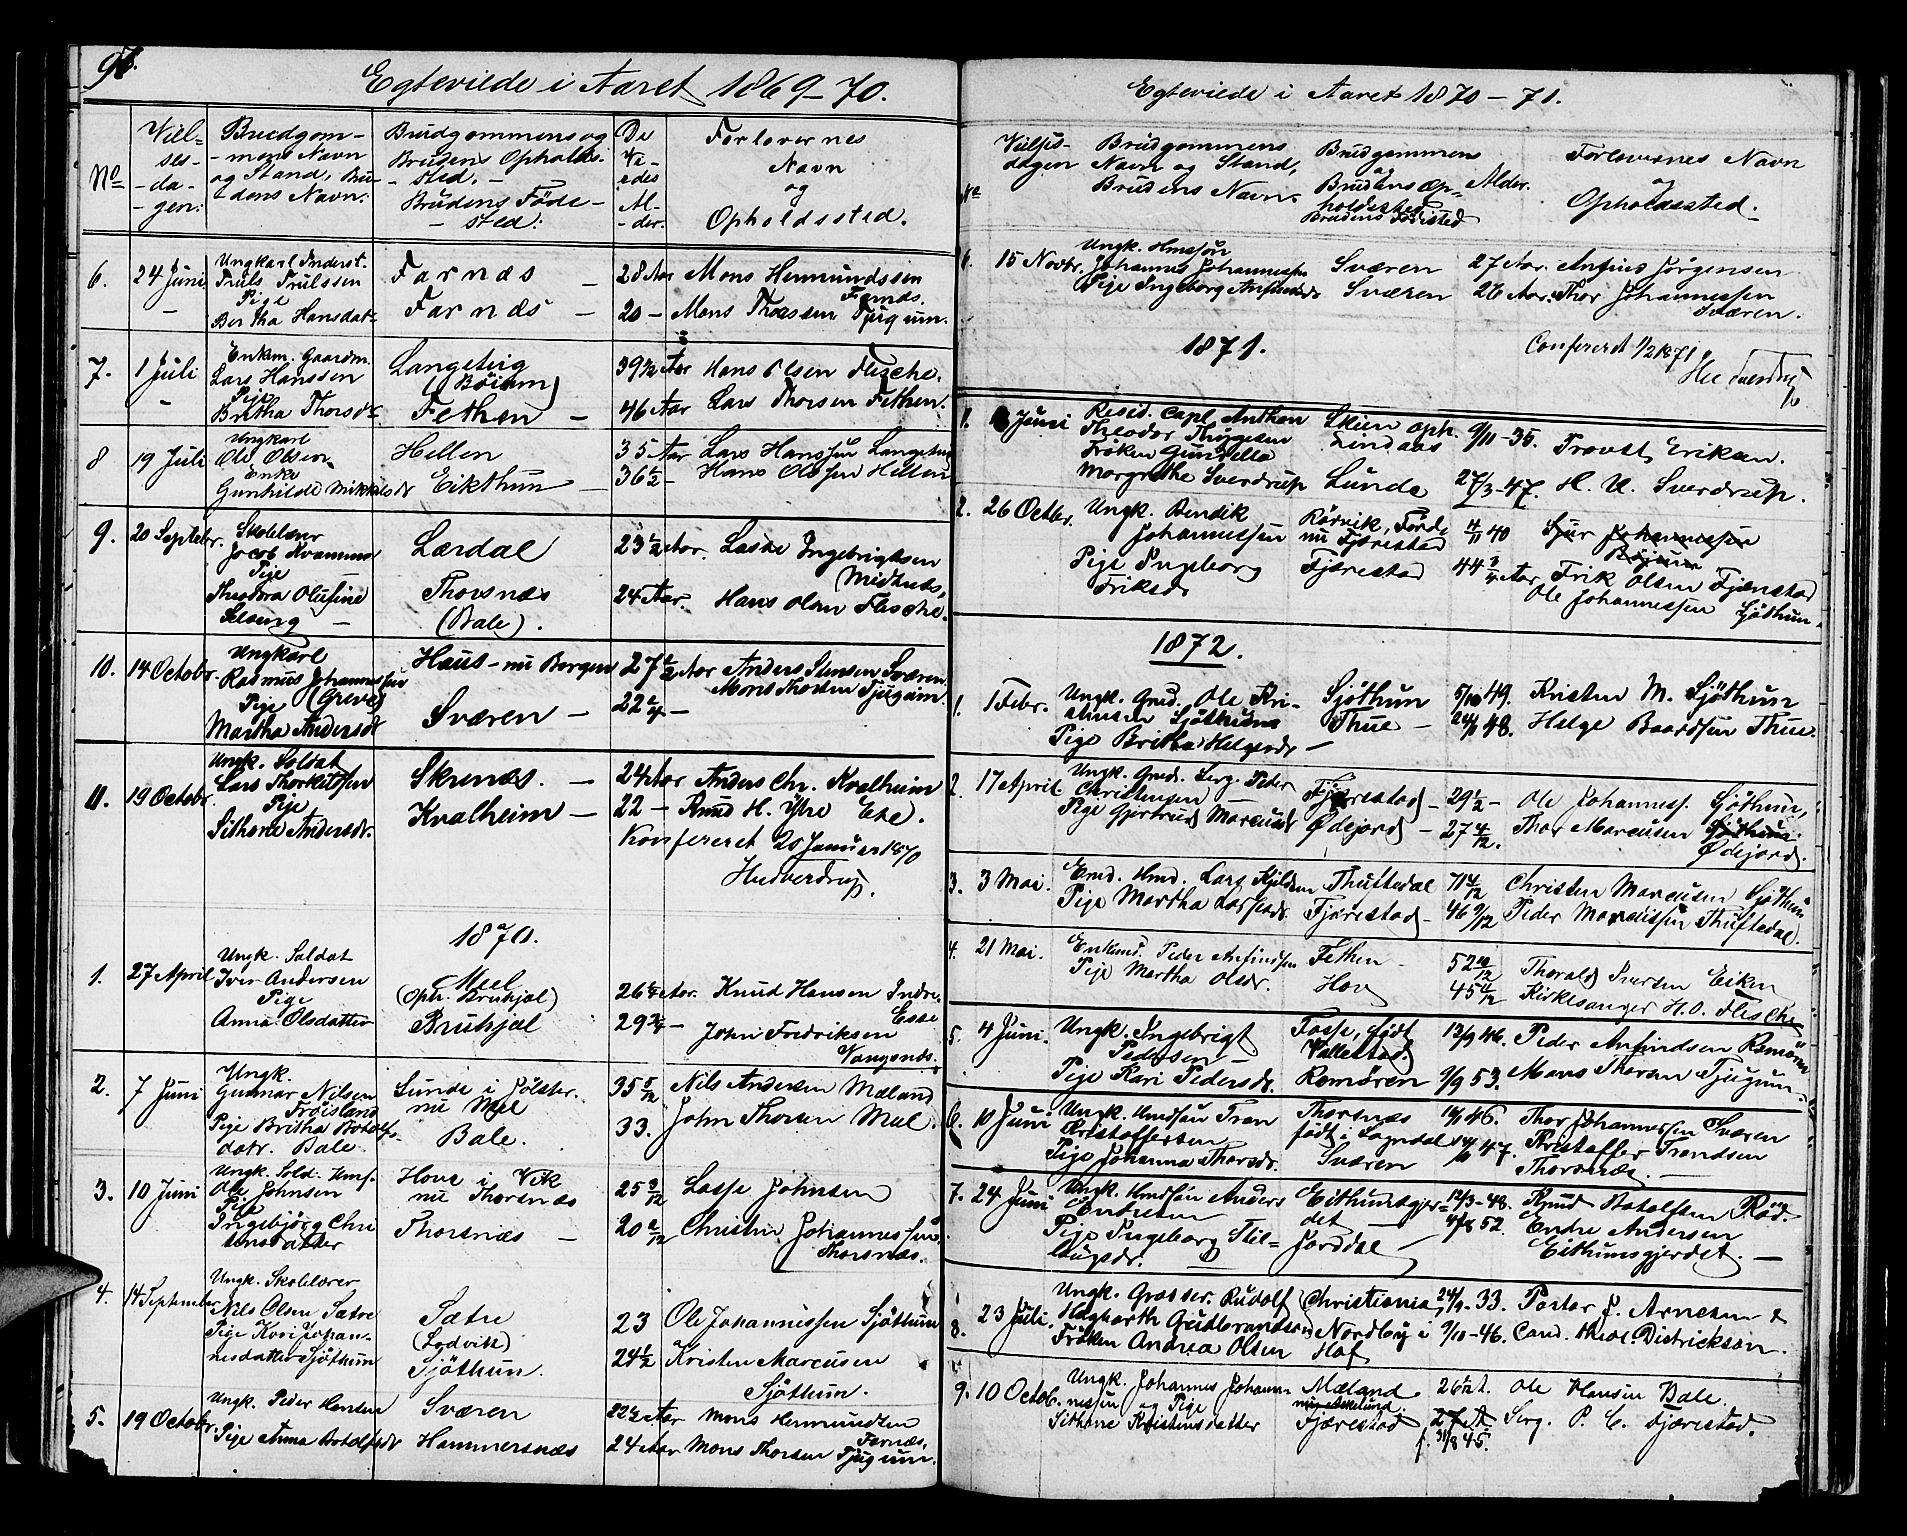 SAB, Balestrand sokneprestembete, H/Hab/Haba/L0001: Klokkerbok nr. A 1, 1853-1880, s. 97